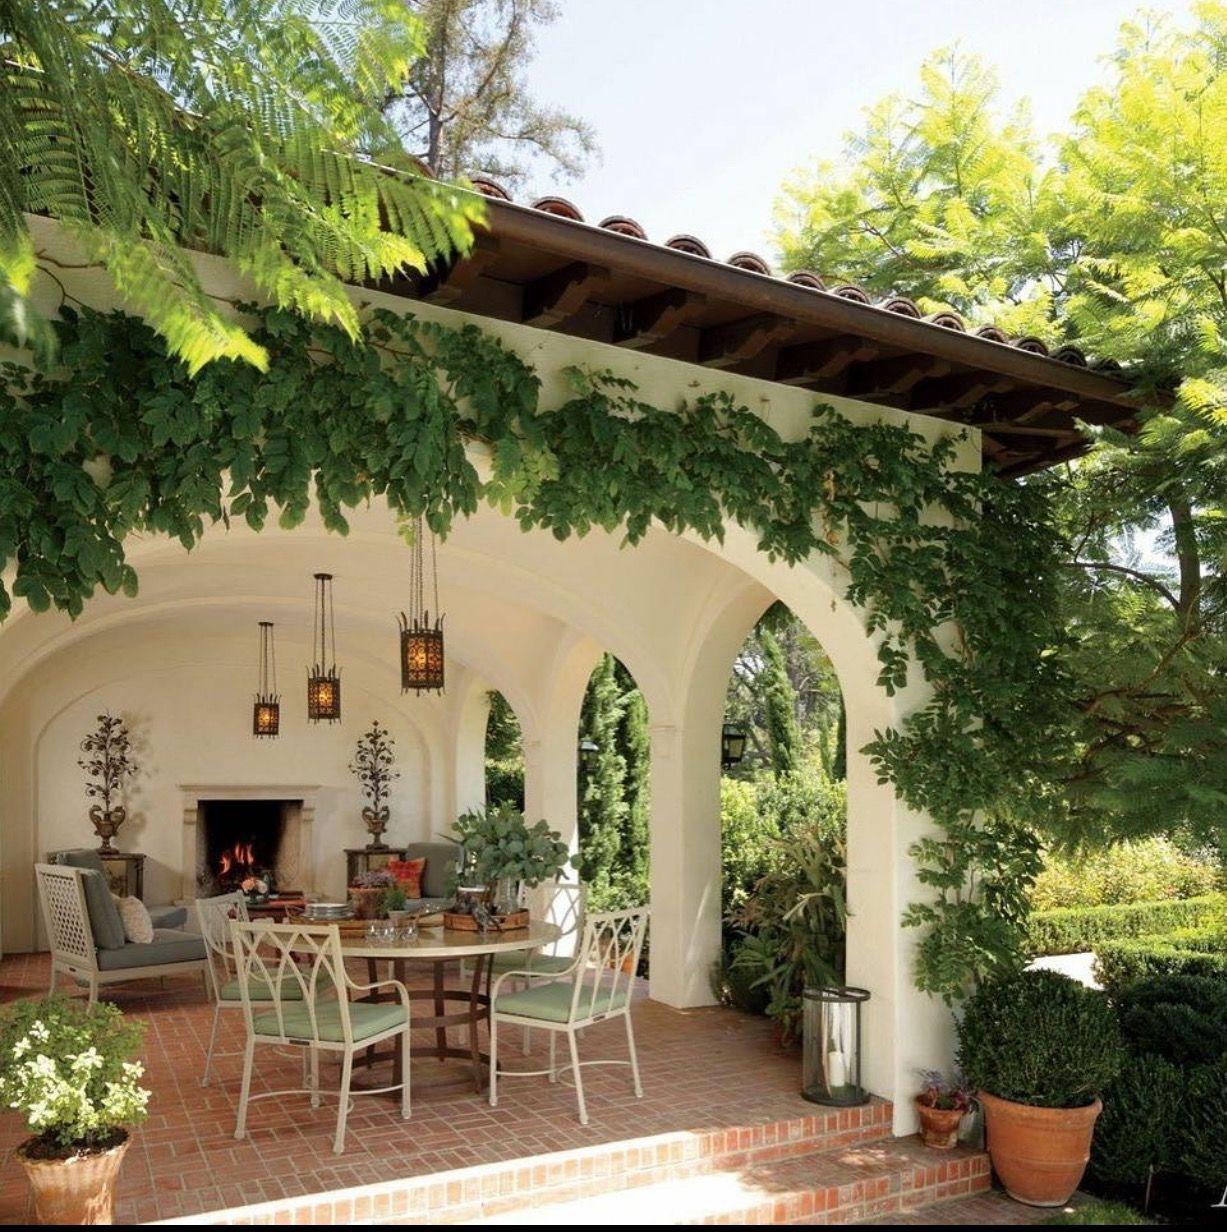 Pin de lauren tyson en patios pinterest corredores for Casas para terrazas